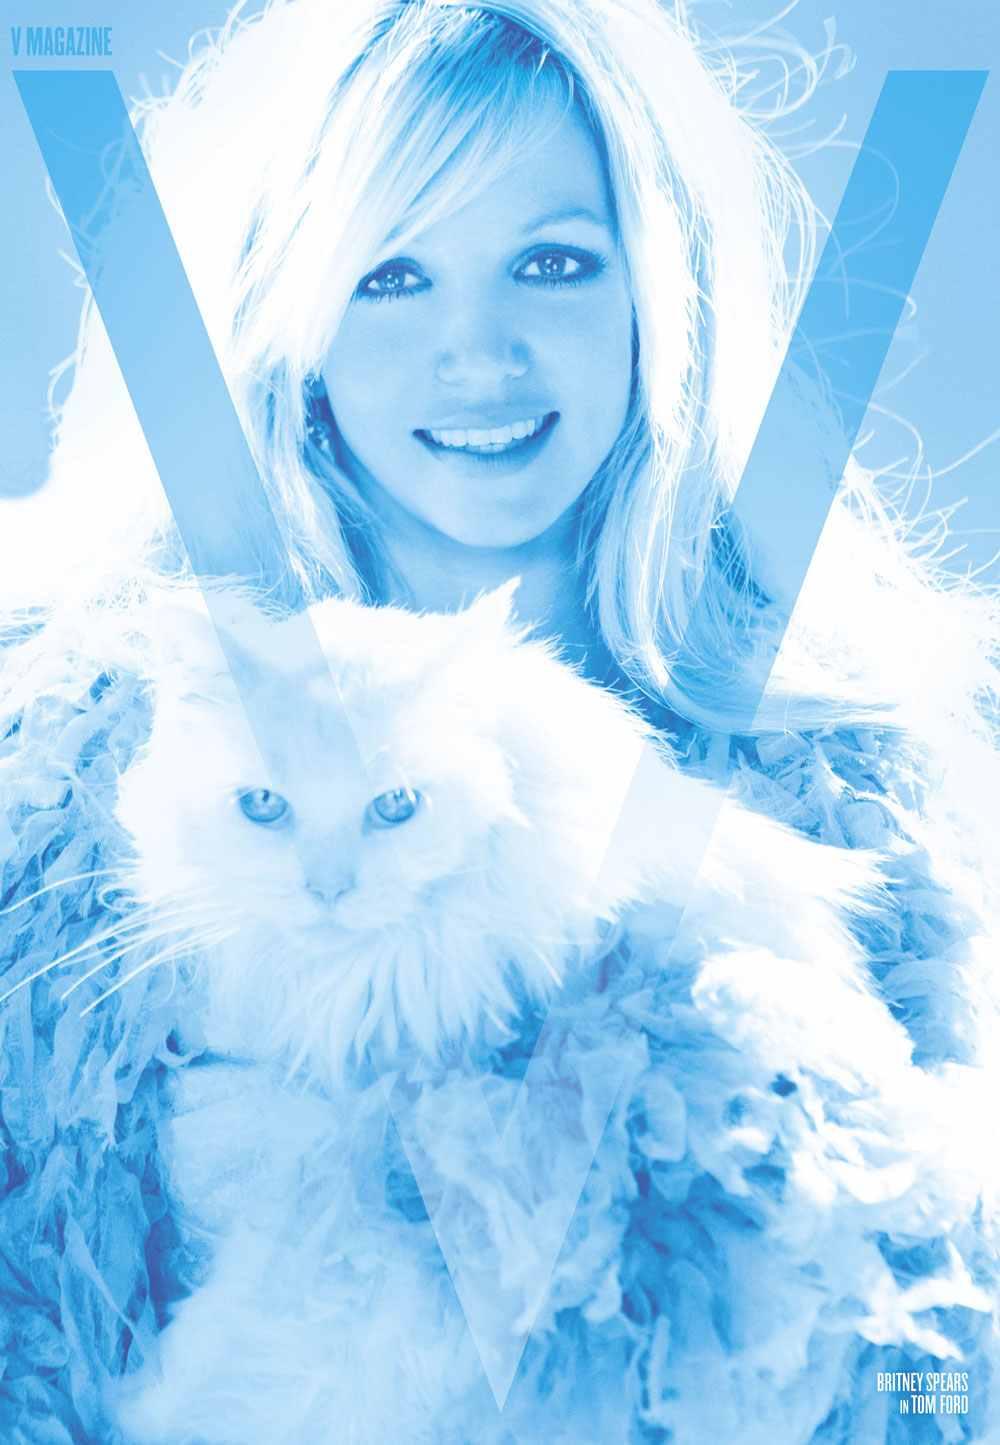 225657696_Britney_Spears_V_Mag_Spring_2011_2_122_457lo.jpg